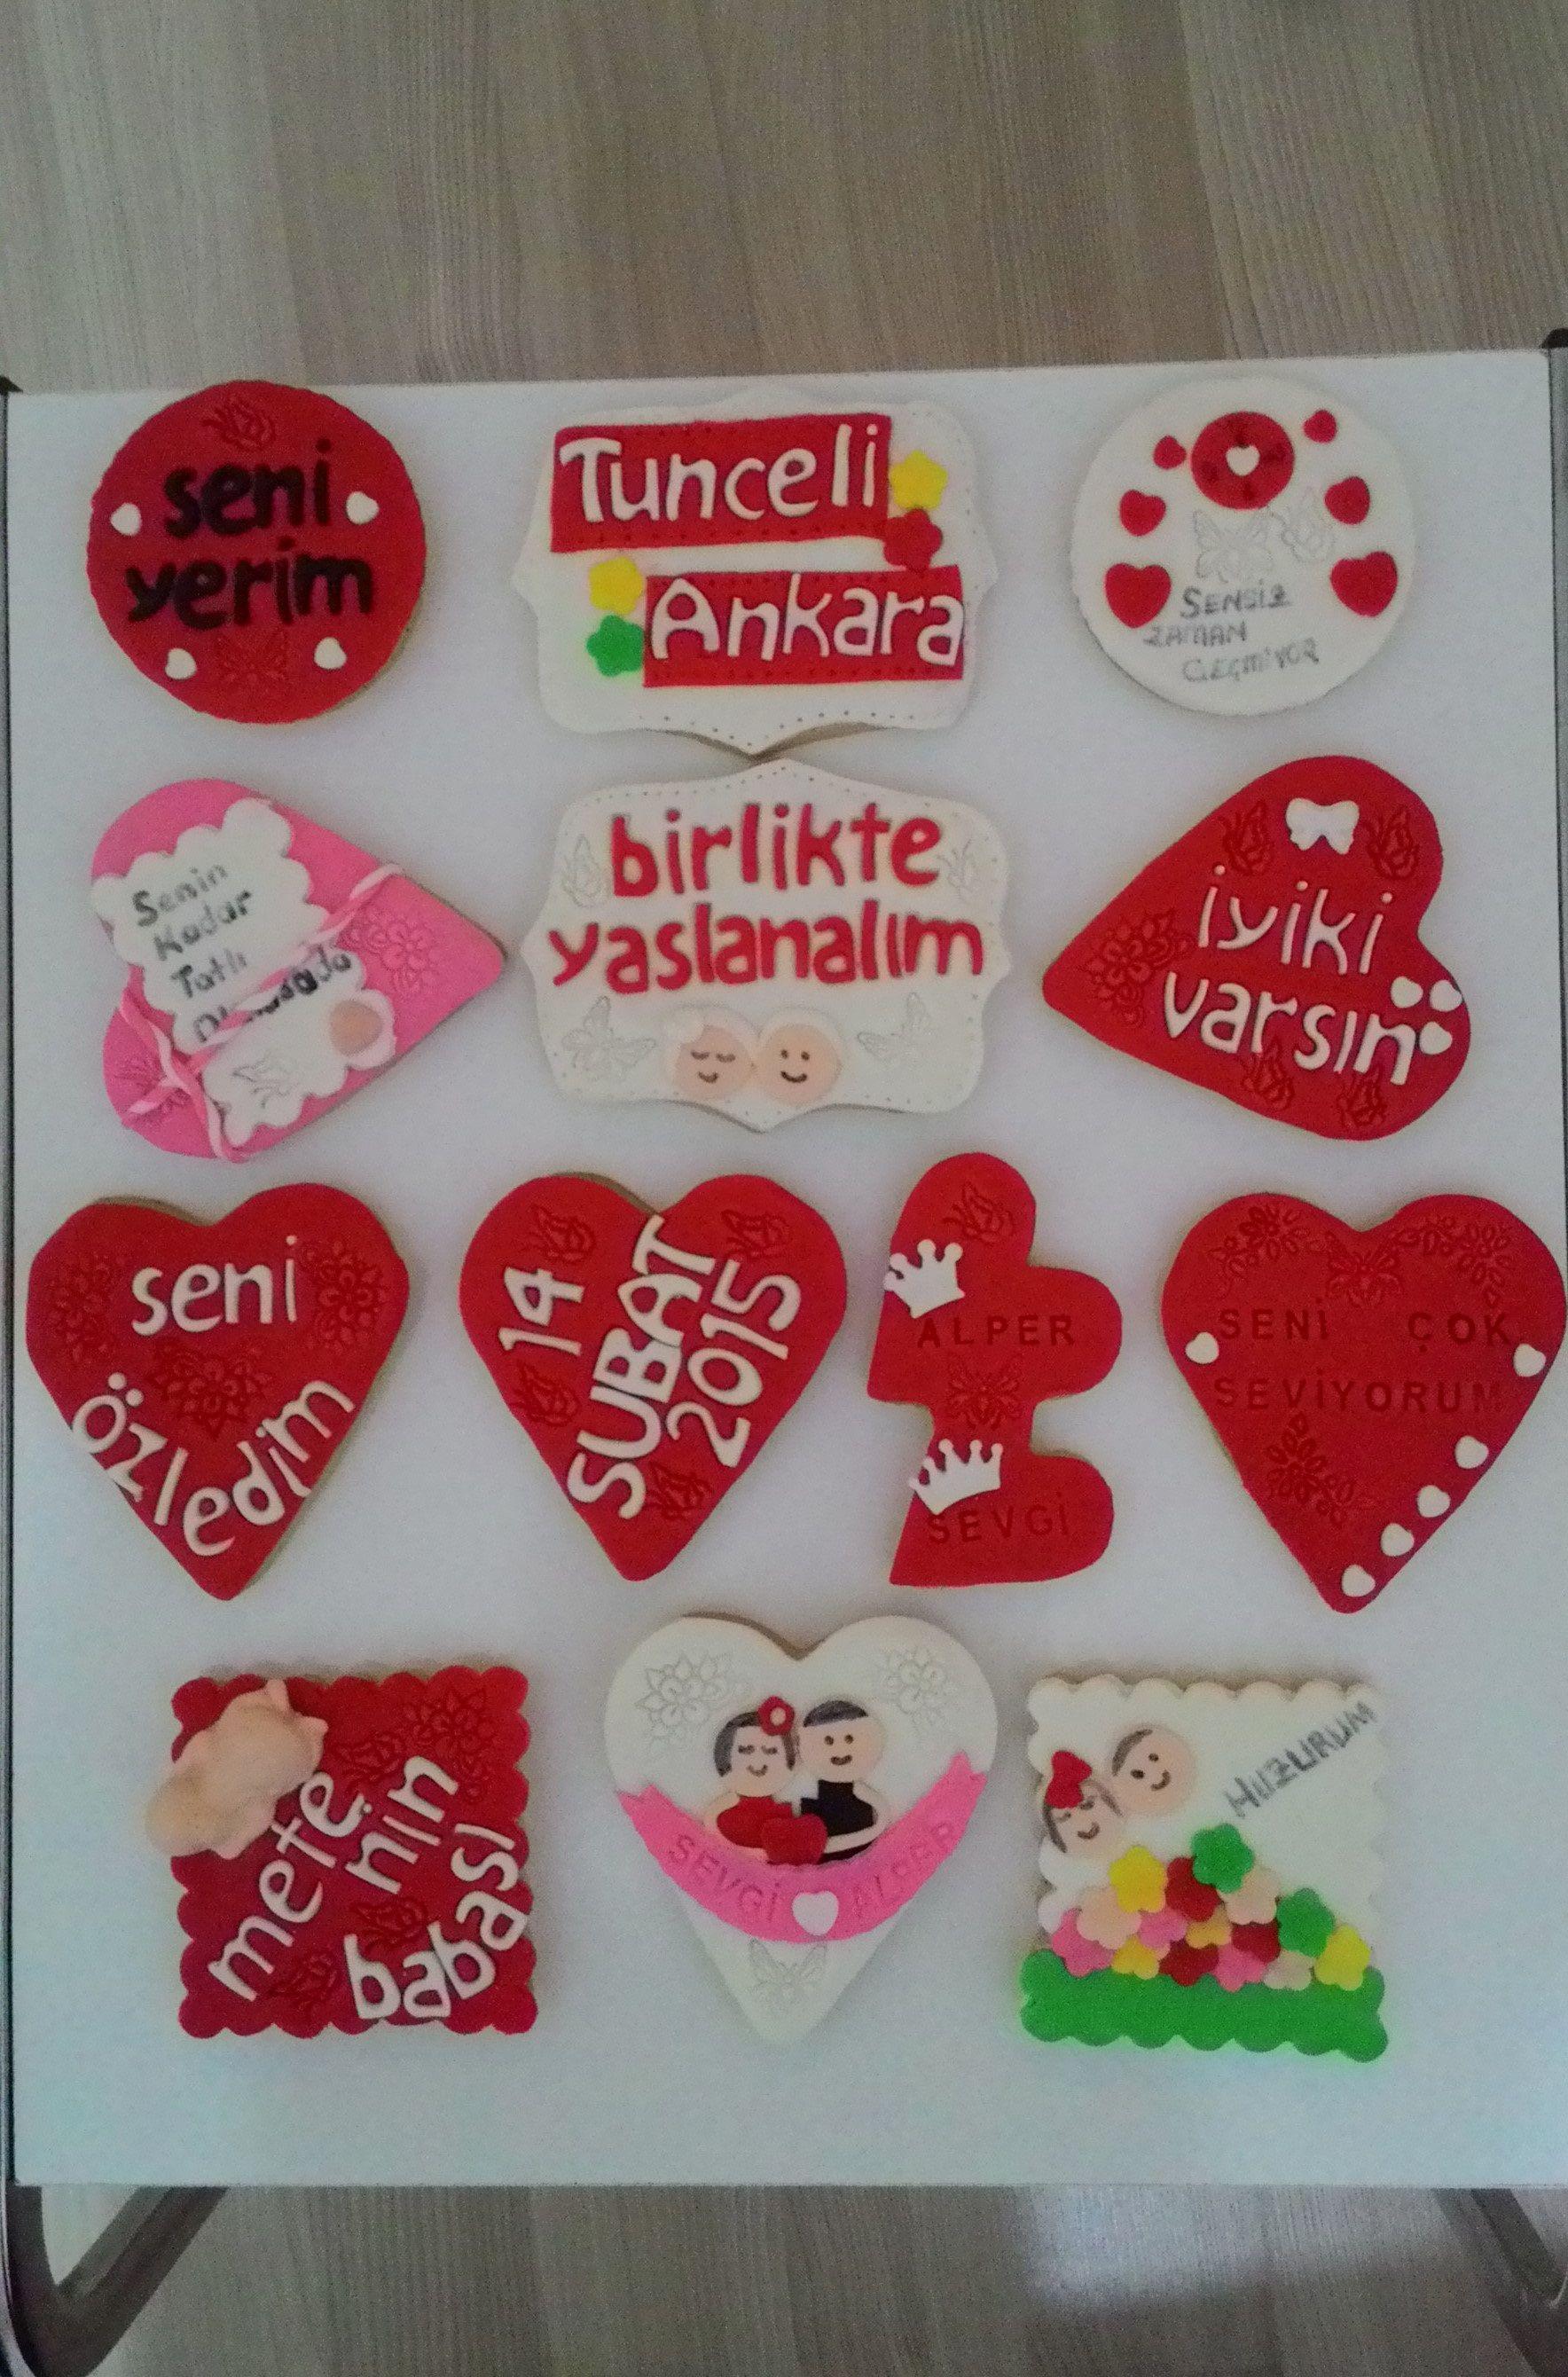 Sevgili kurabiyeleri